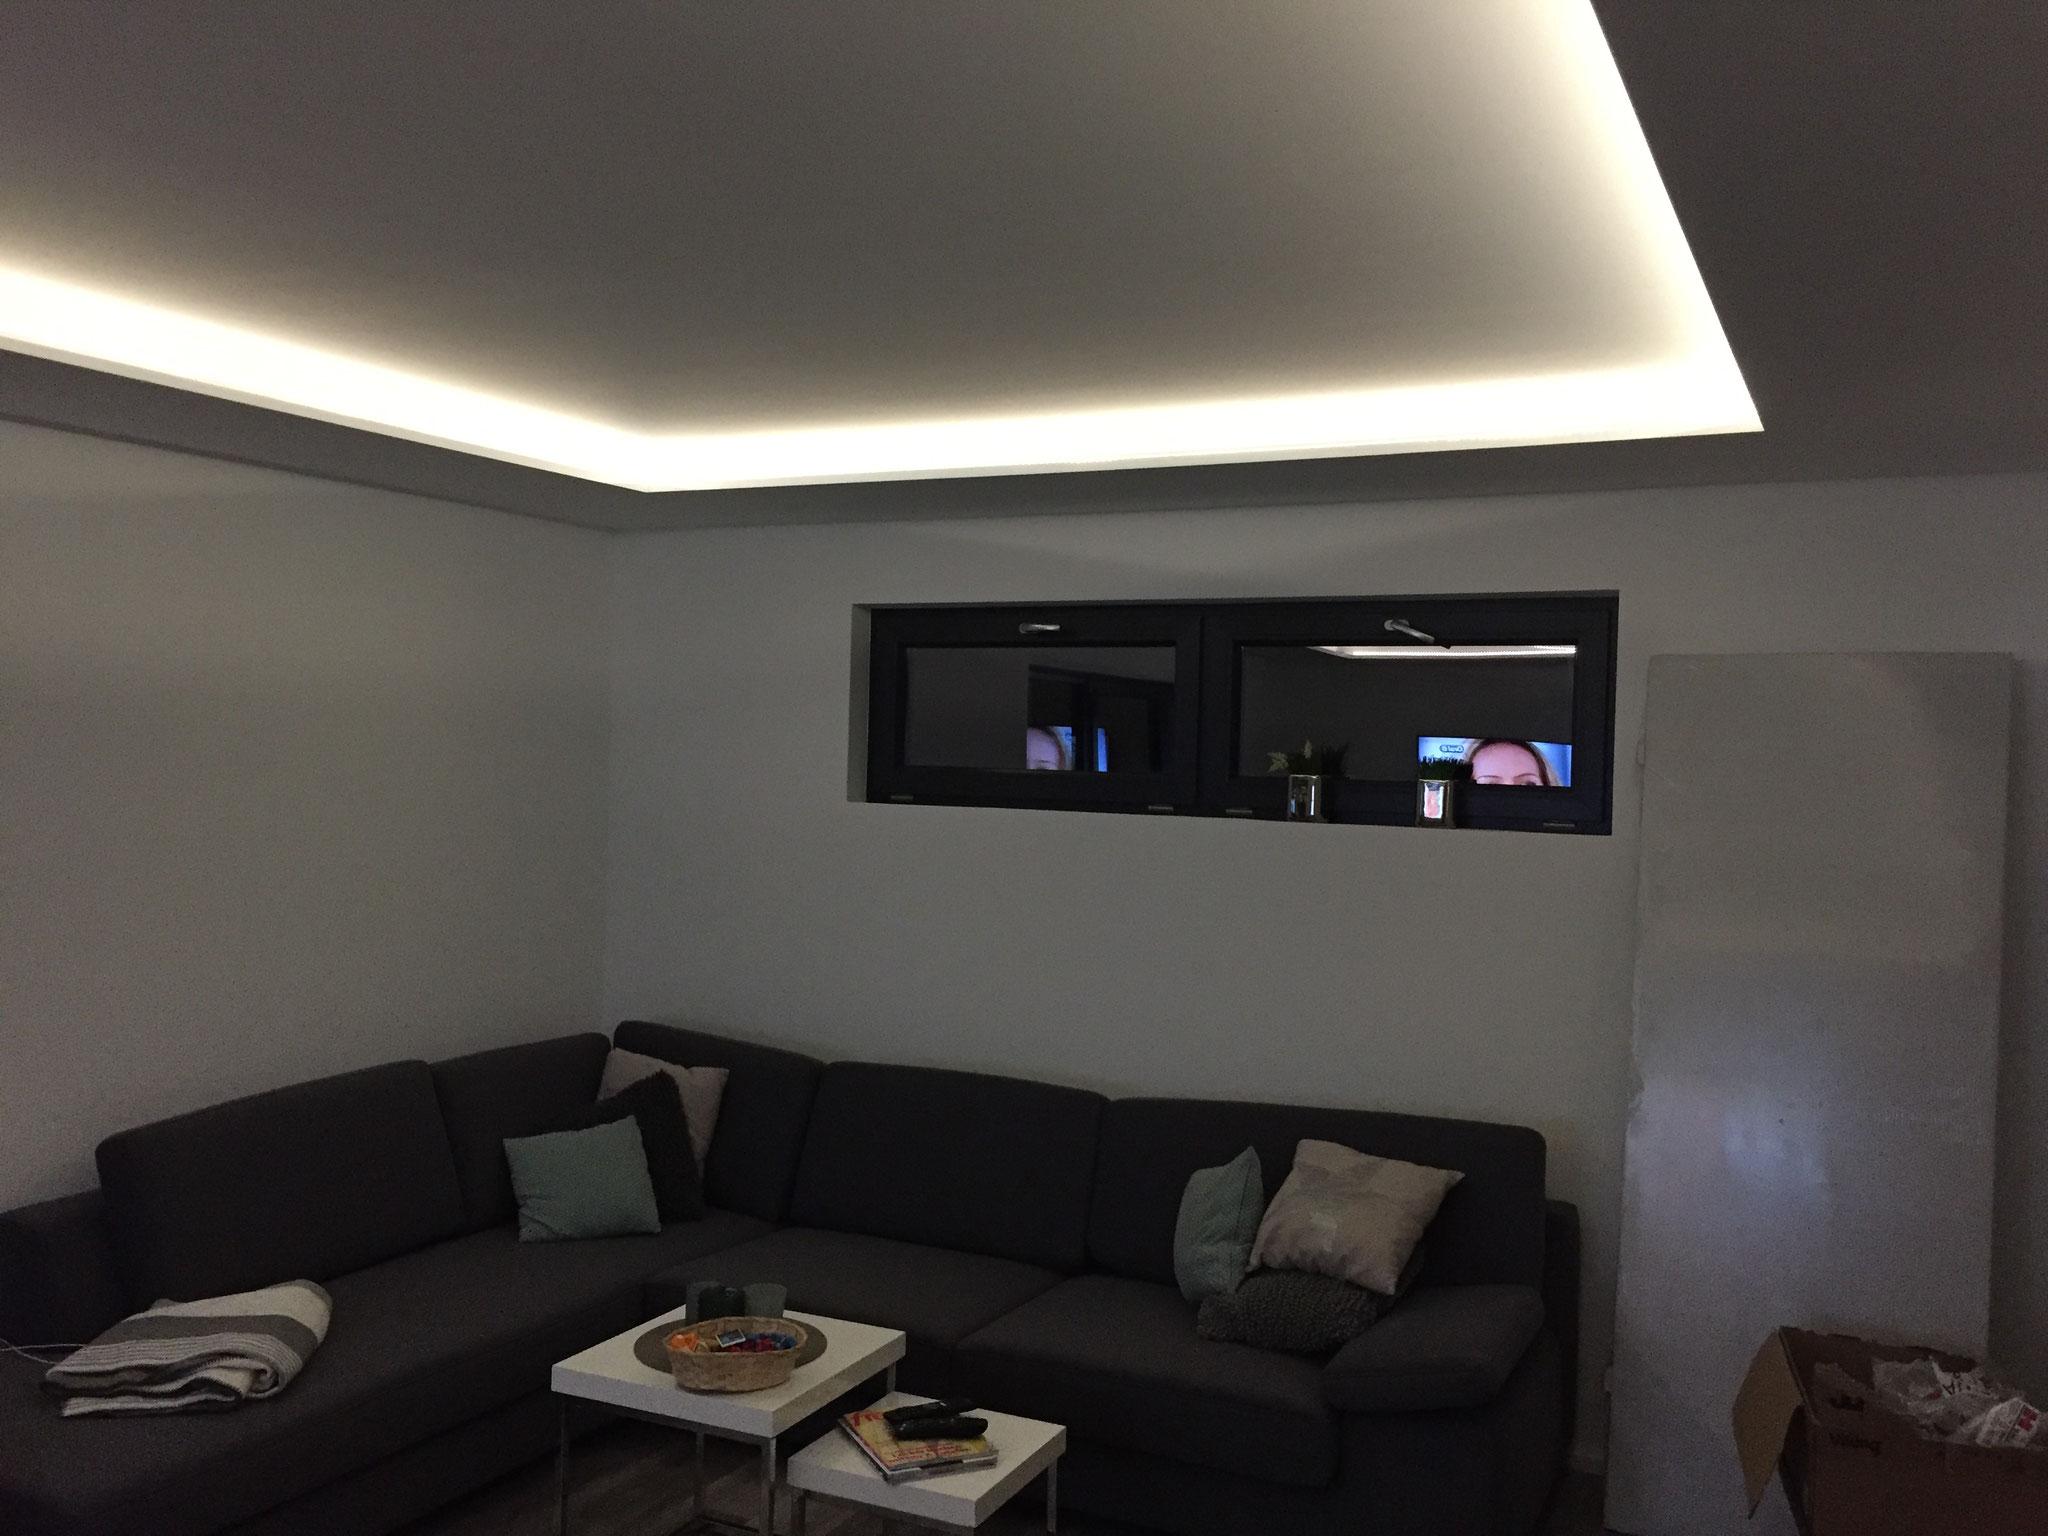 Dimmbare Beleuchtung im Wohnzimmer für entspannte Stunden